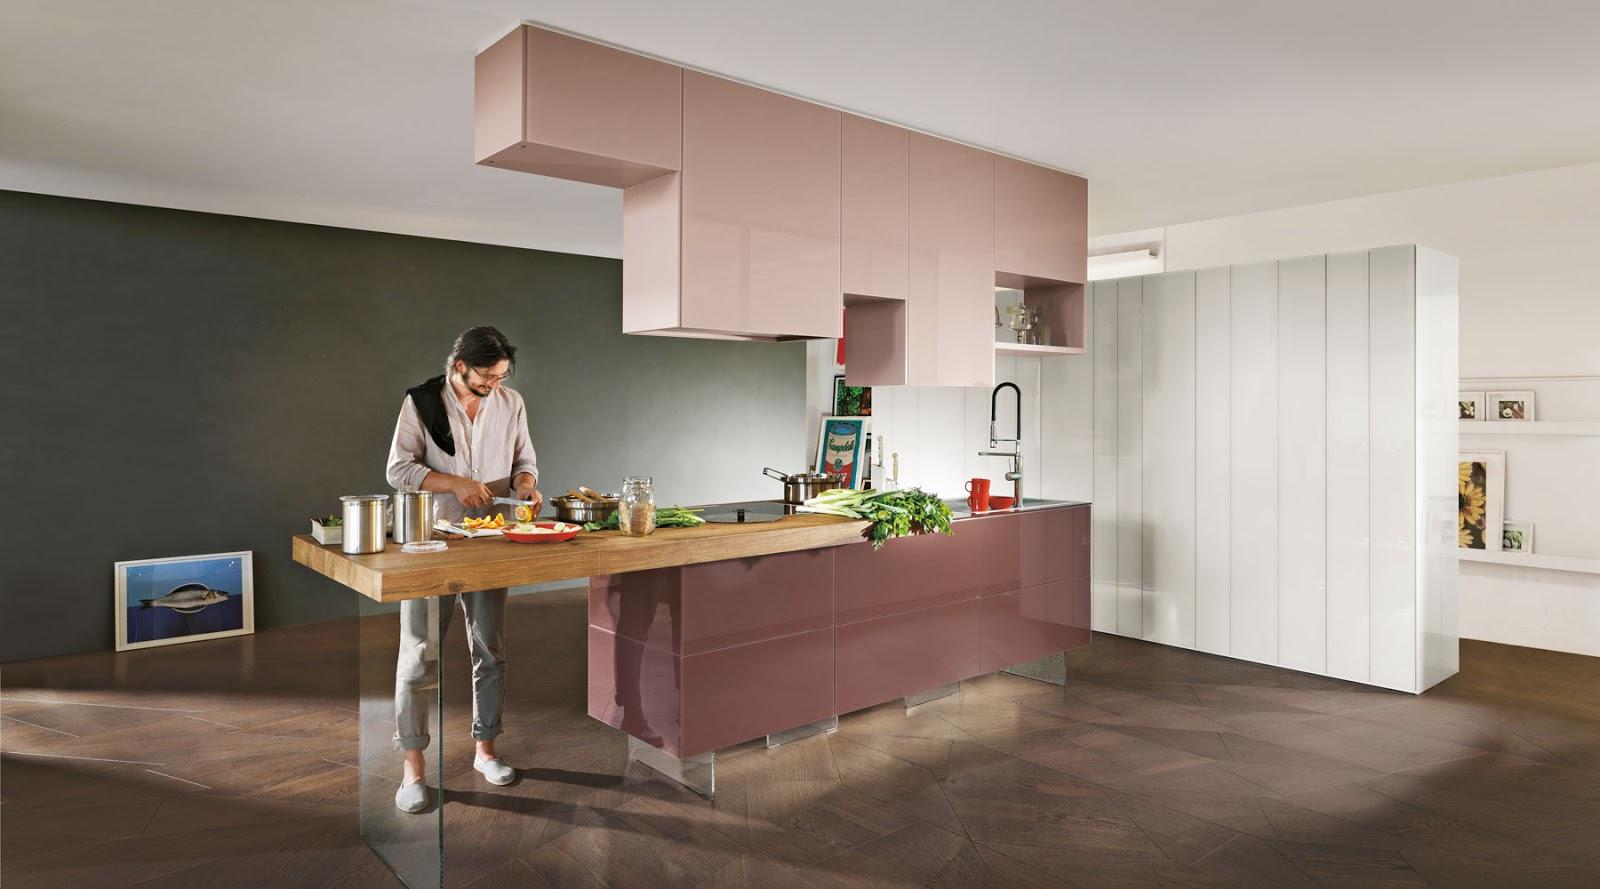 diseo de cocina en isla de trabajo los muebles altos en distintas medidas van anclados al techo donde va integrado un extractor